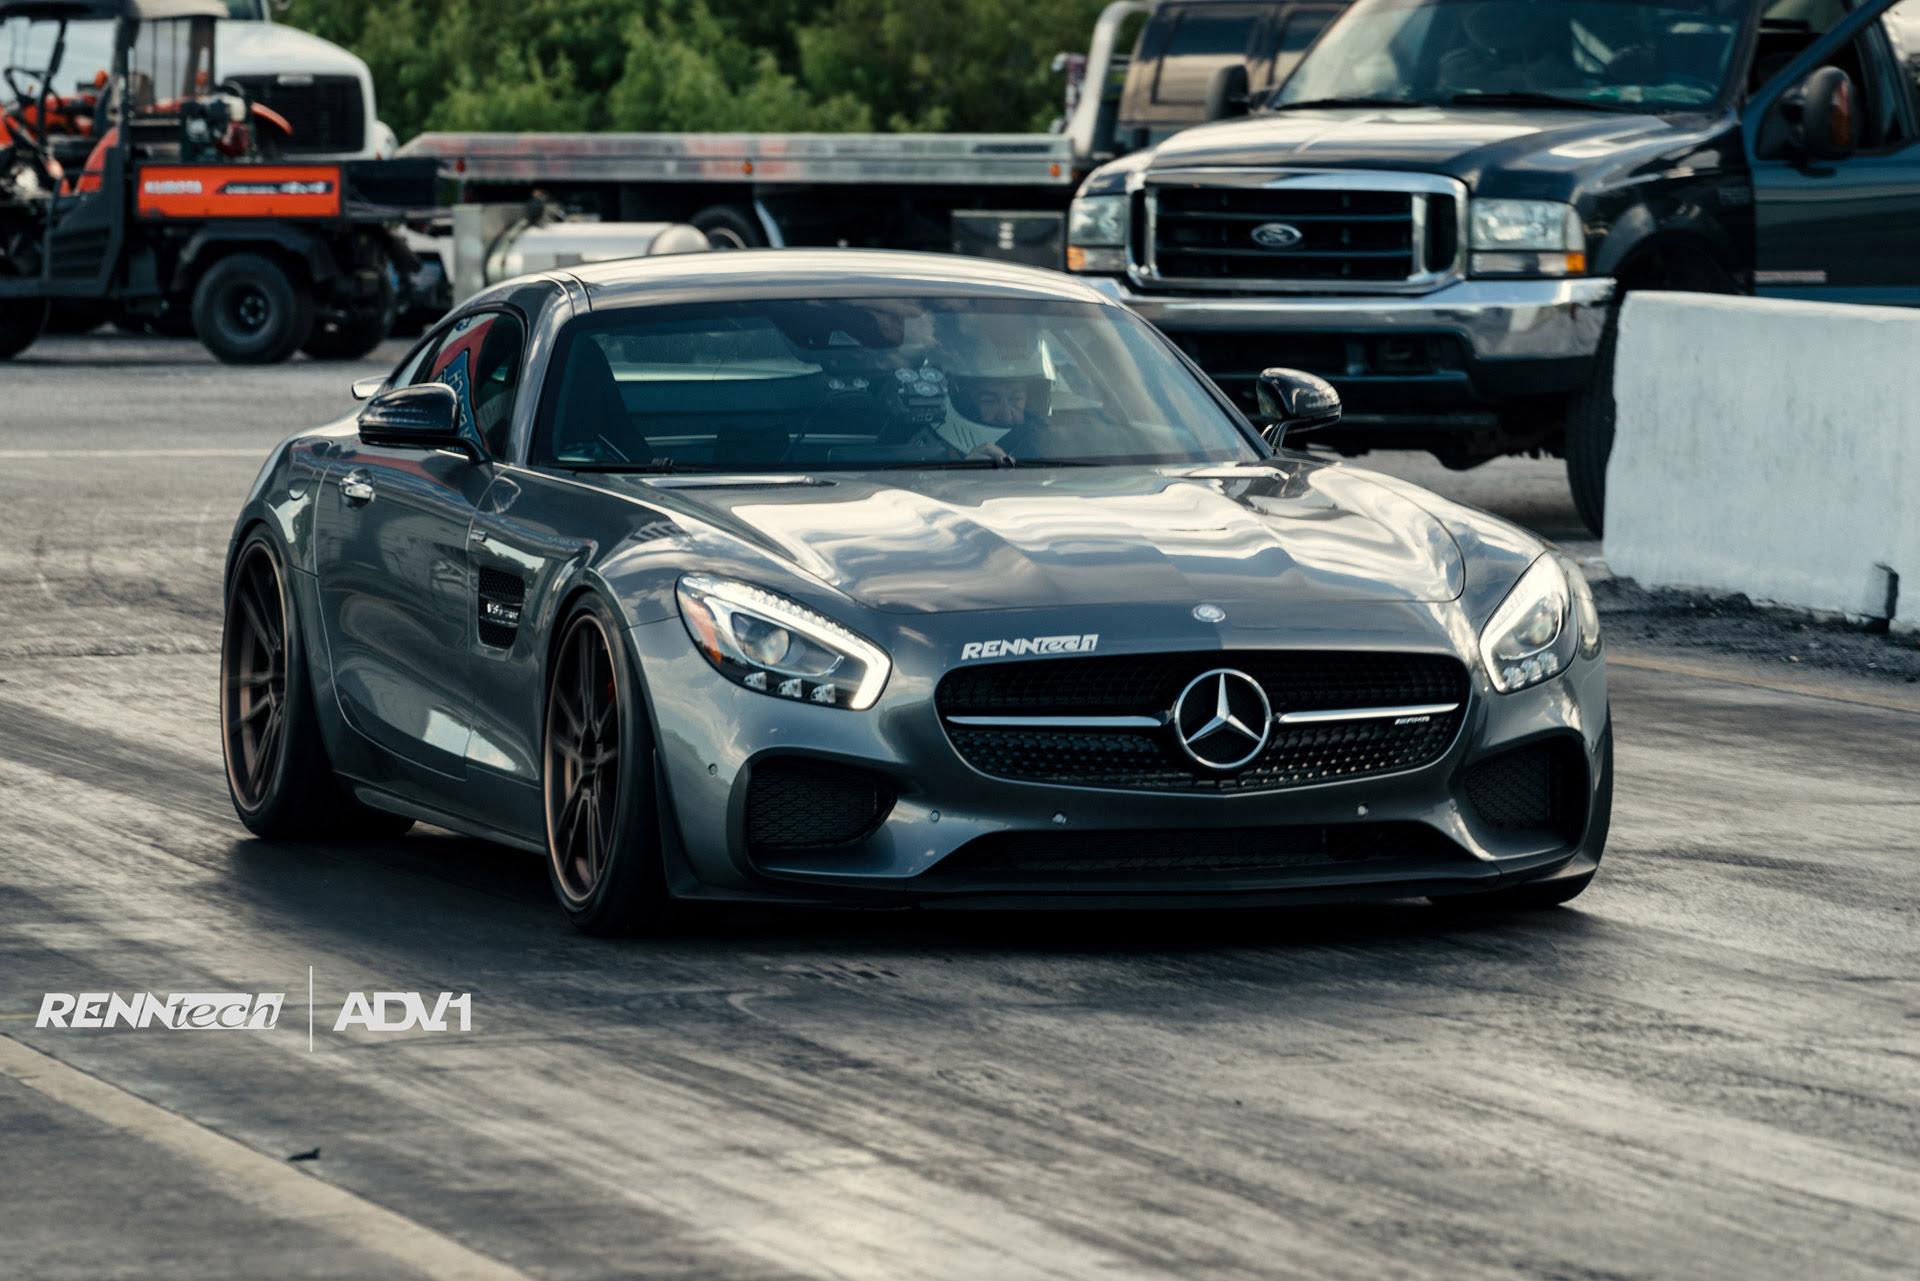 America's Renntech Builds World's First 10-Second Mercedes ...